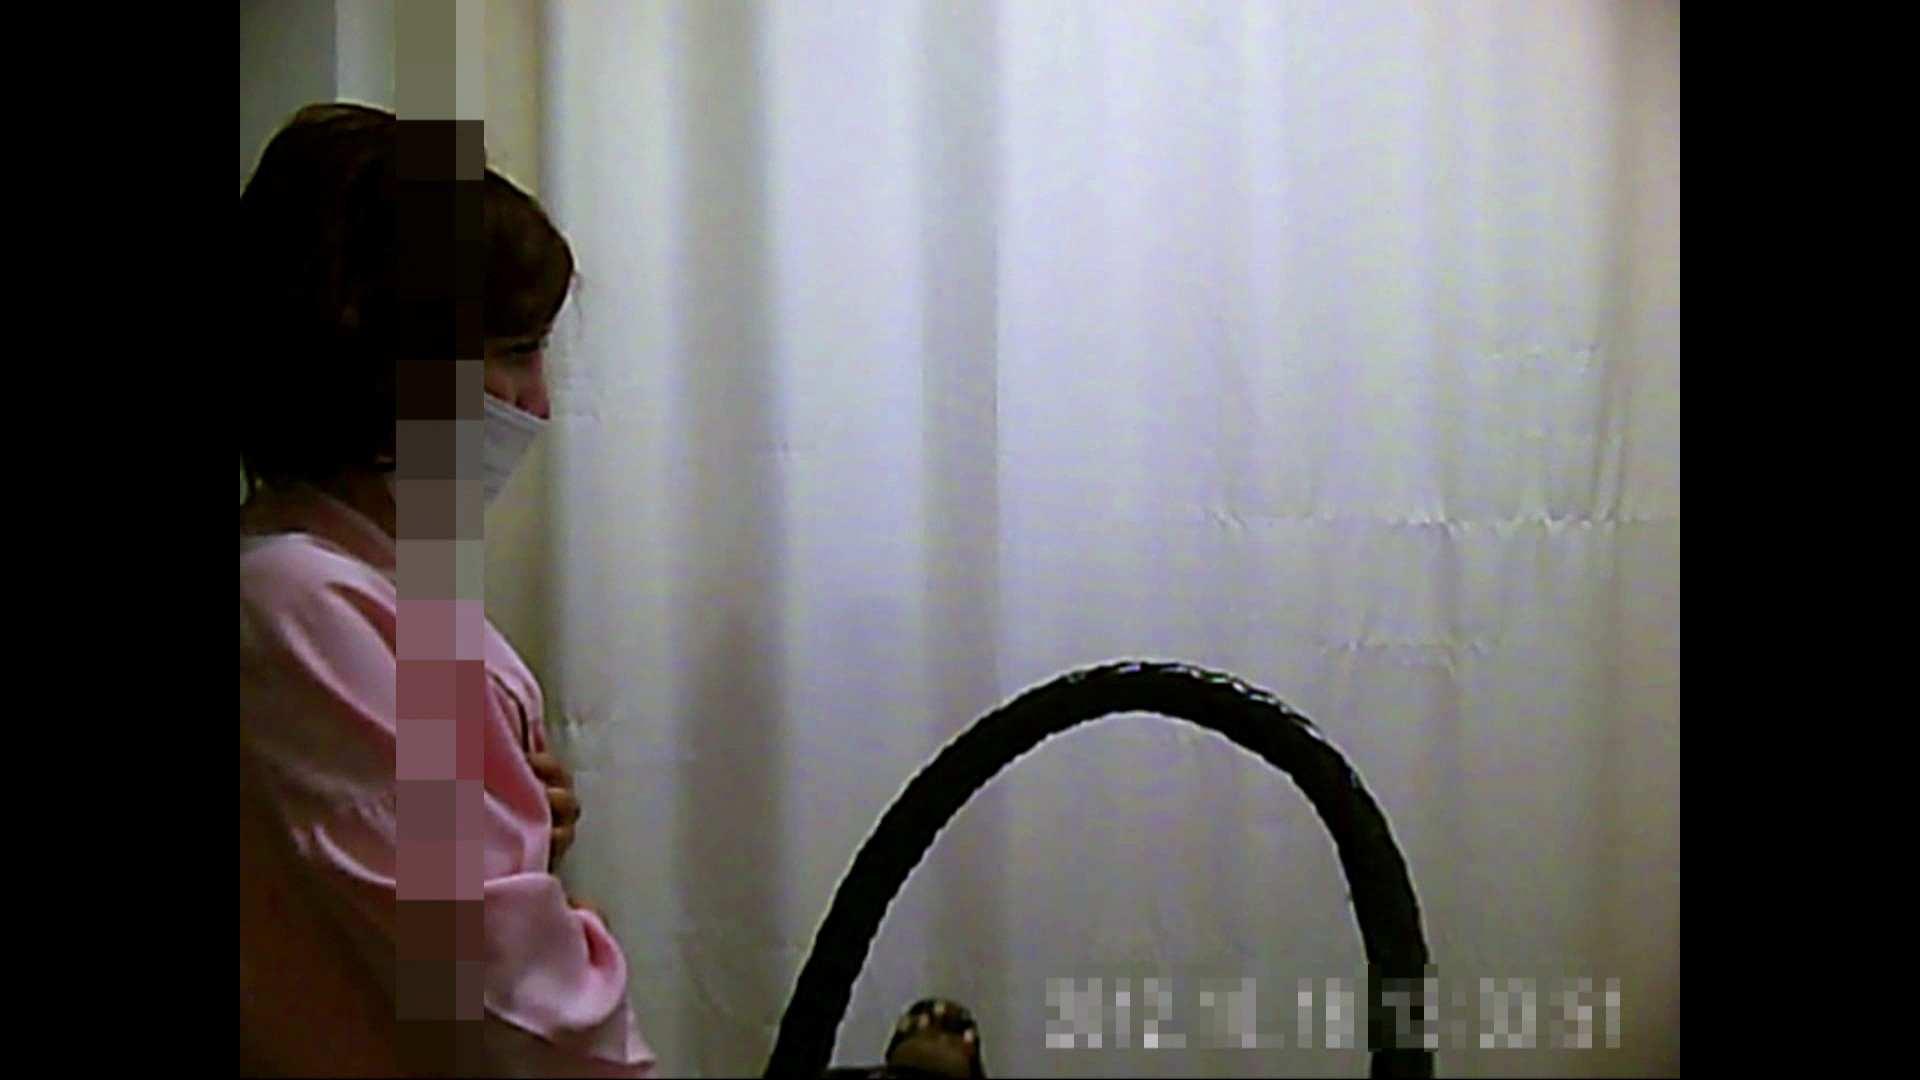 病院おもいっきり着替え! vol.244 巨乳 オマンコ無修正動画無料 80画像 4